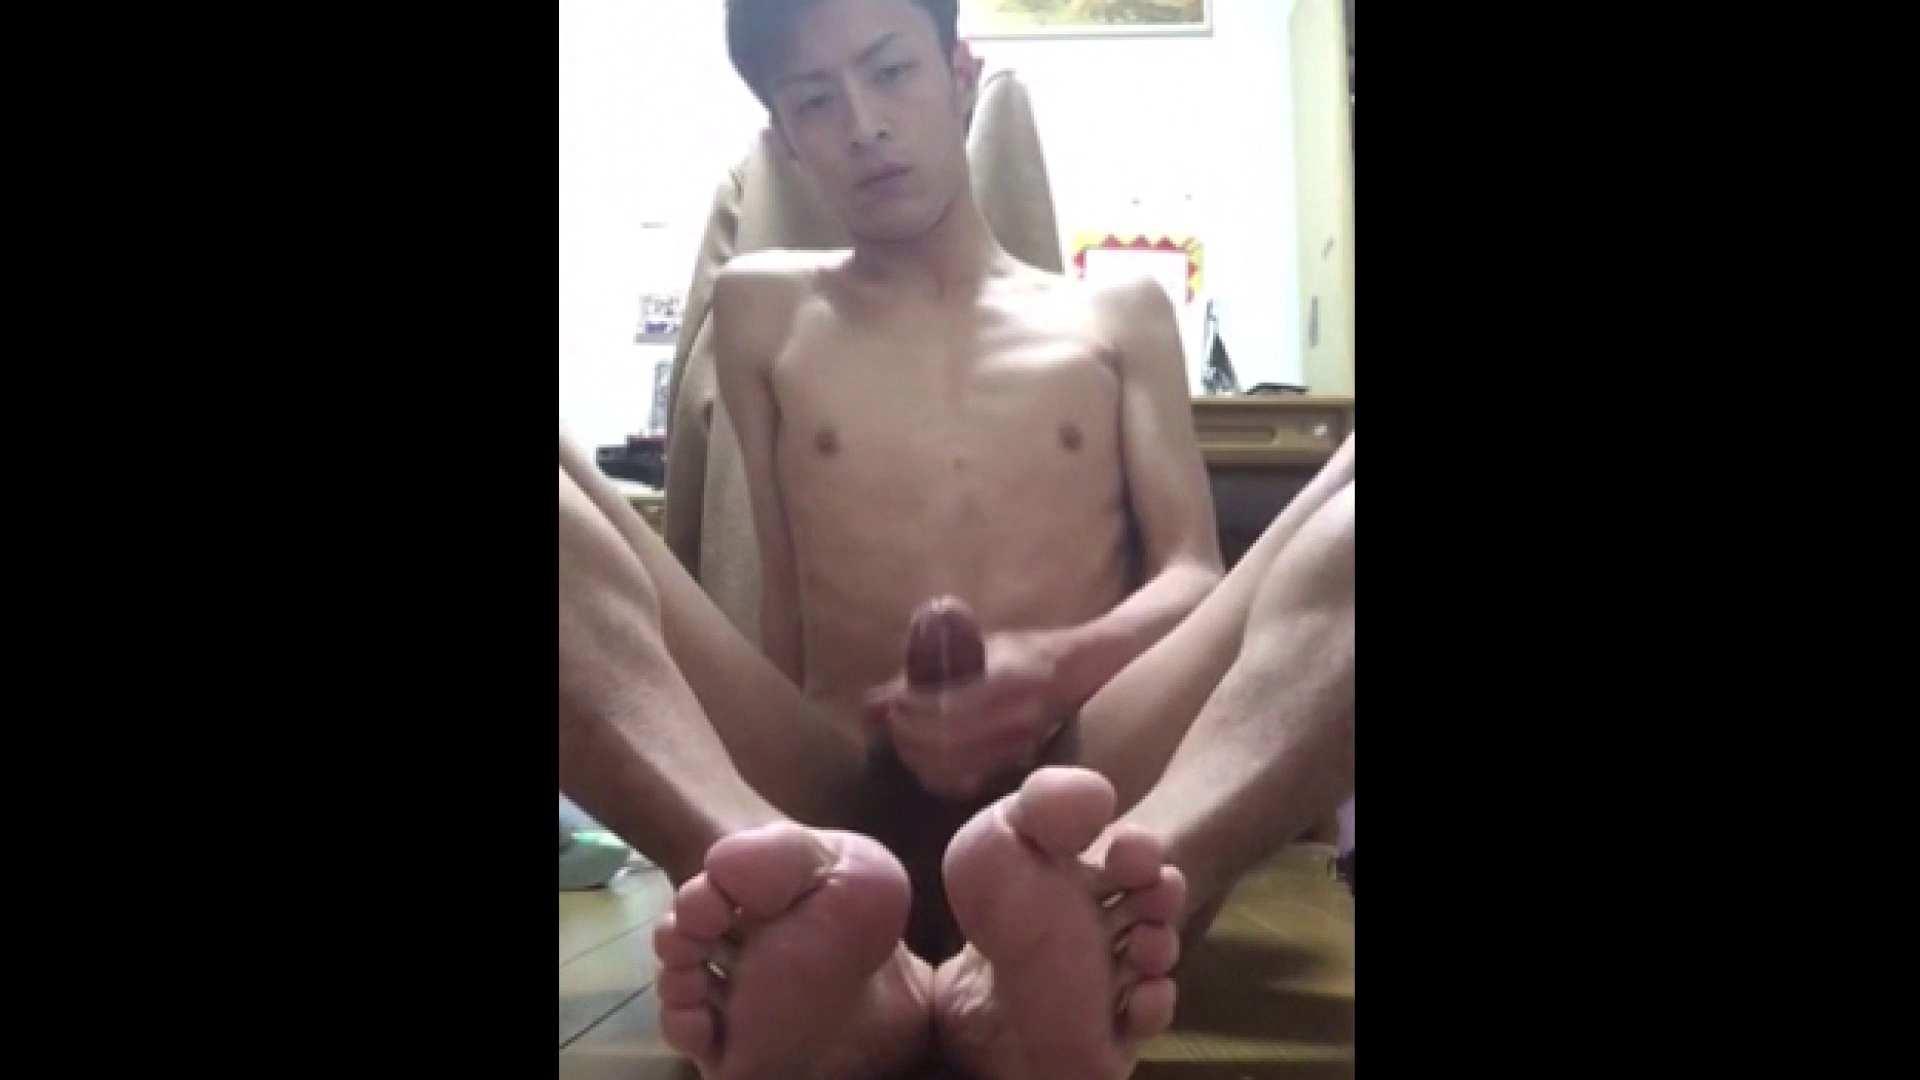 個人撮影 自慰の極意 Vol.52 個人撮影 | ゲイの自慰 ゲイエロ動画 89pic 19